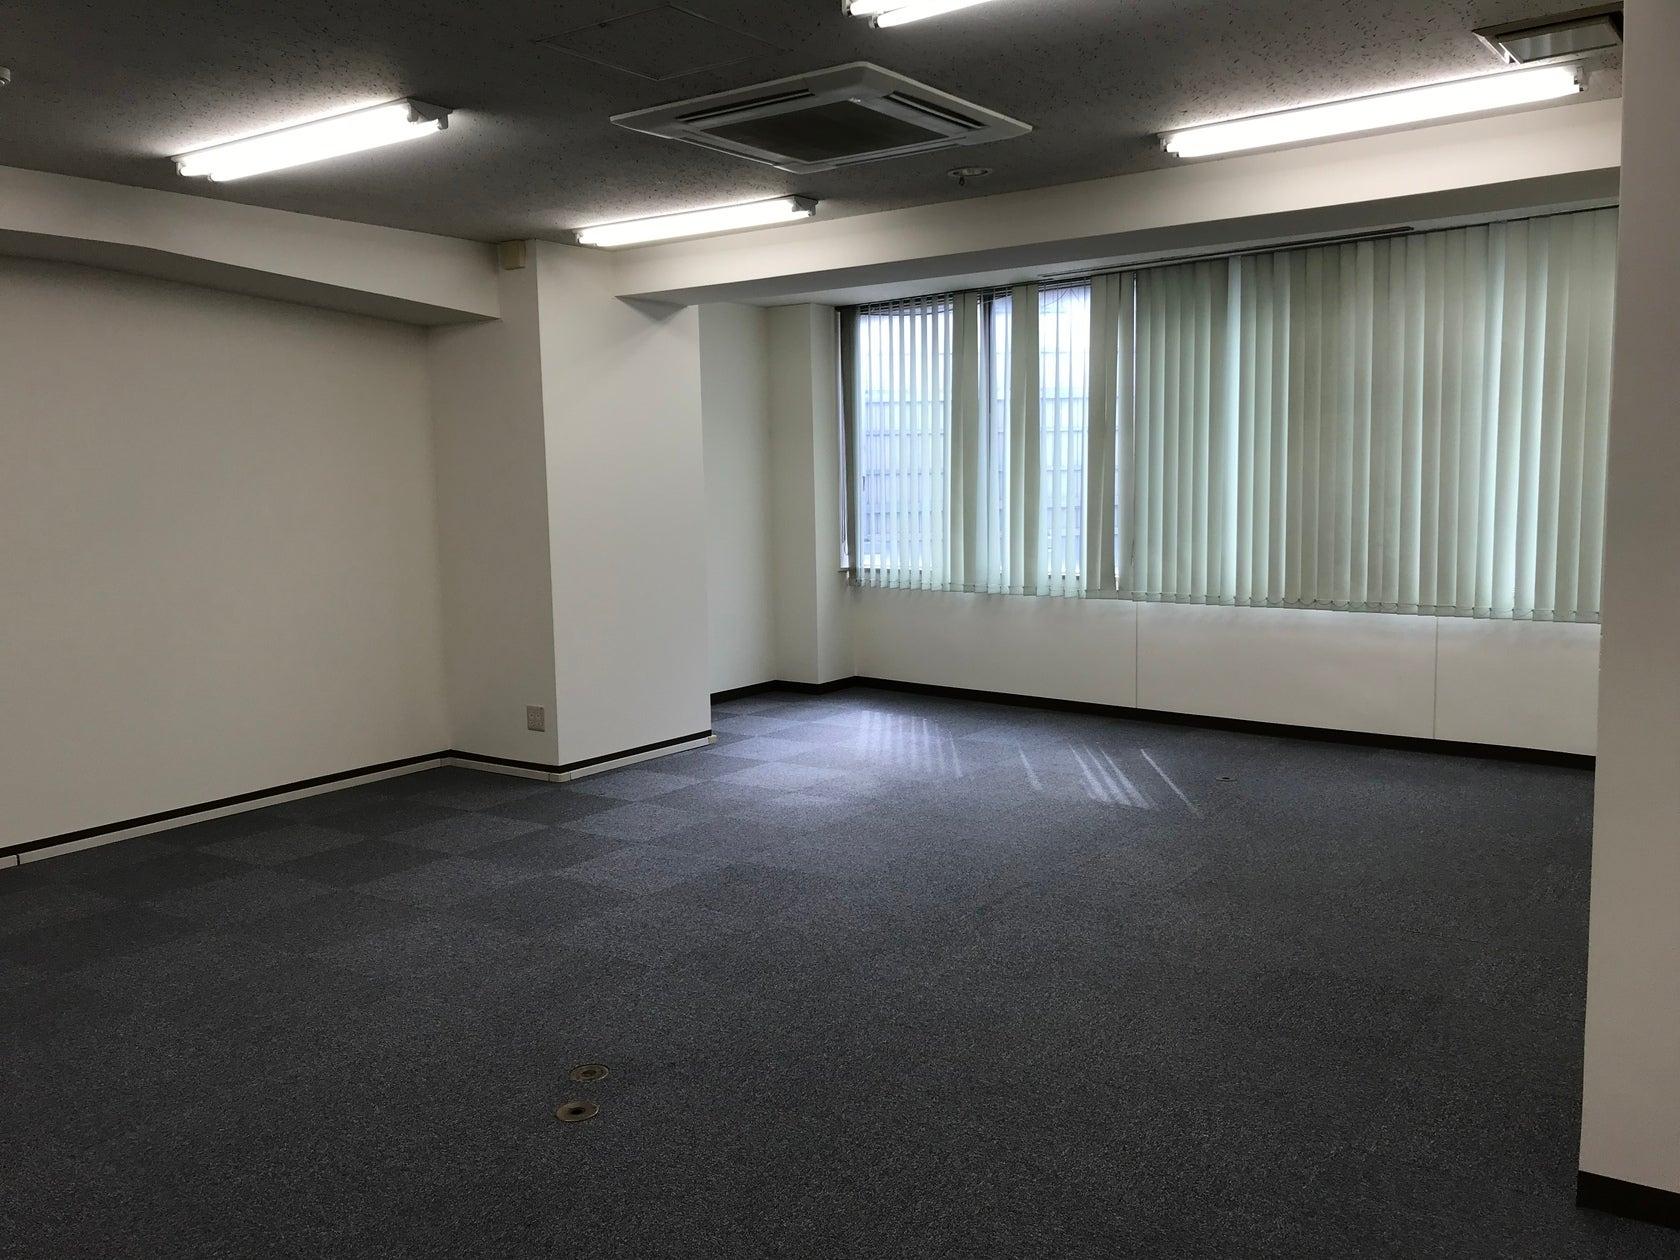 【静岡駅北口8分】4階小会議室②/完全個室【静岡県庁近く】 の写真